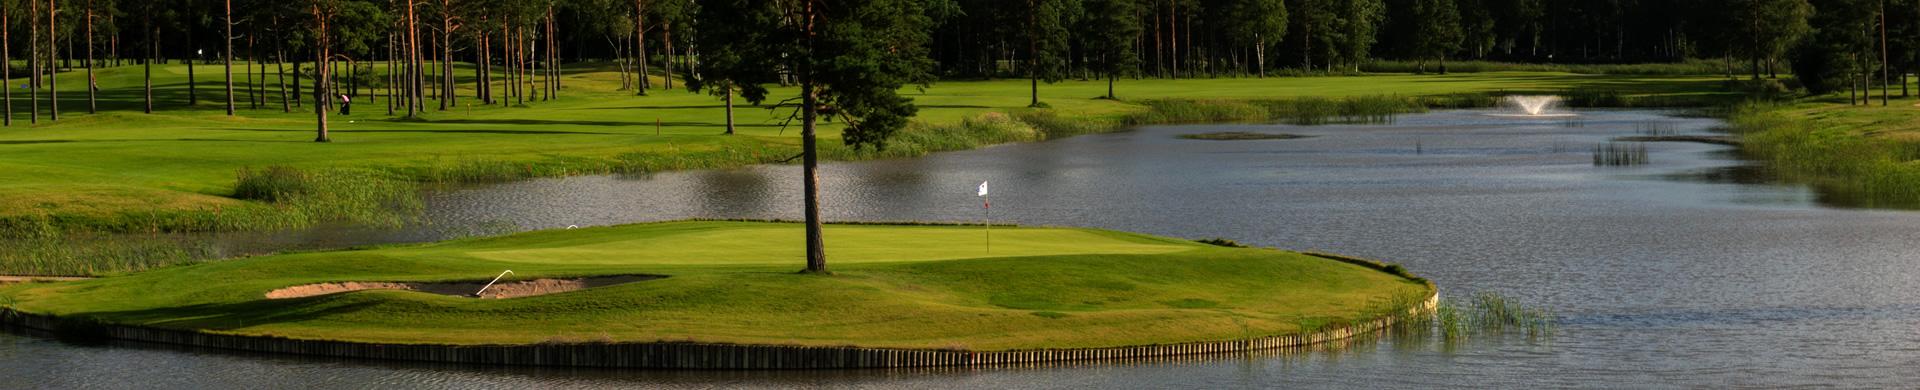 golfikeskus_suur4